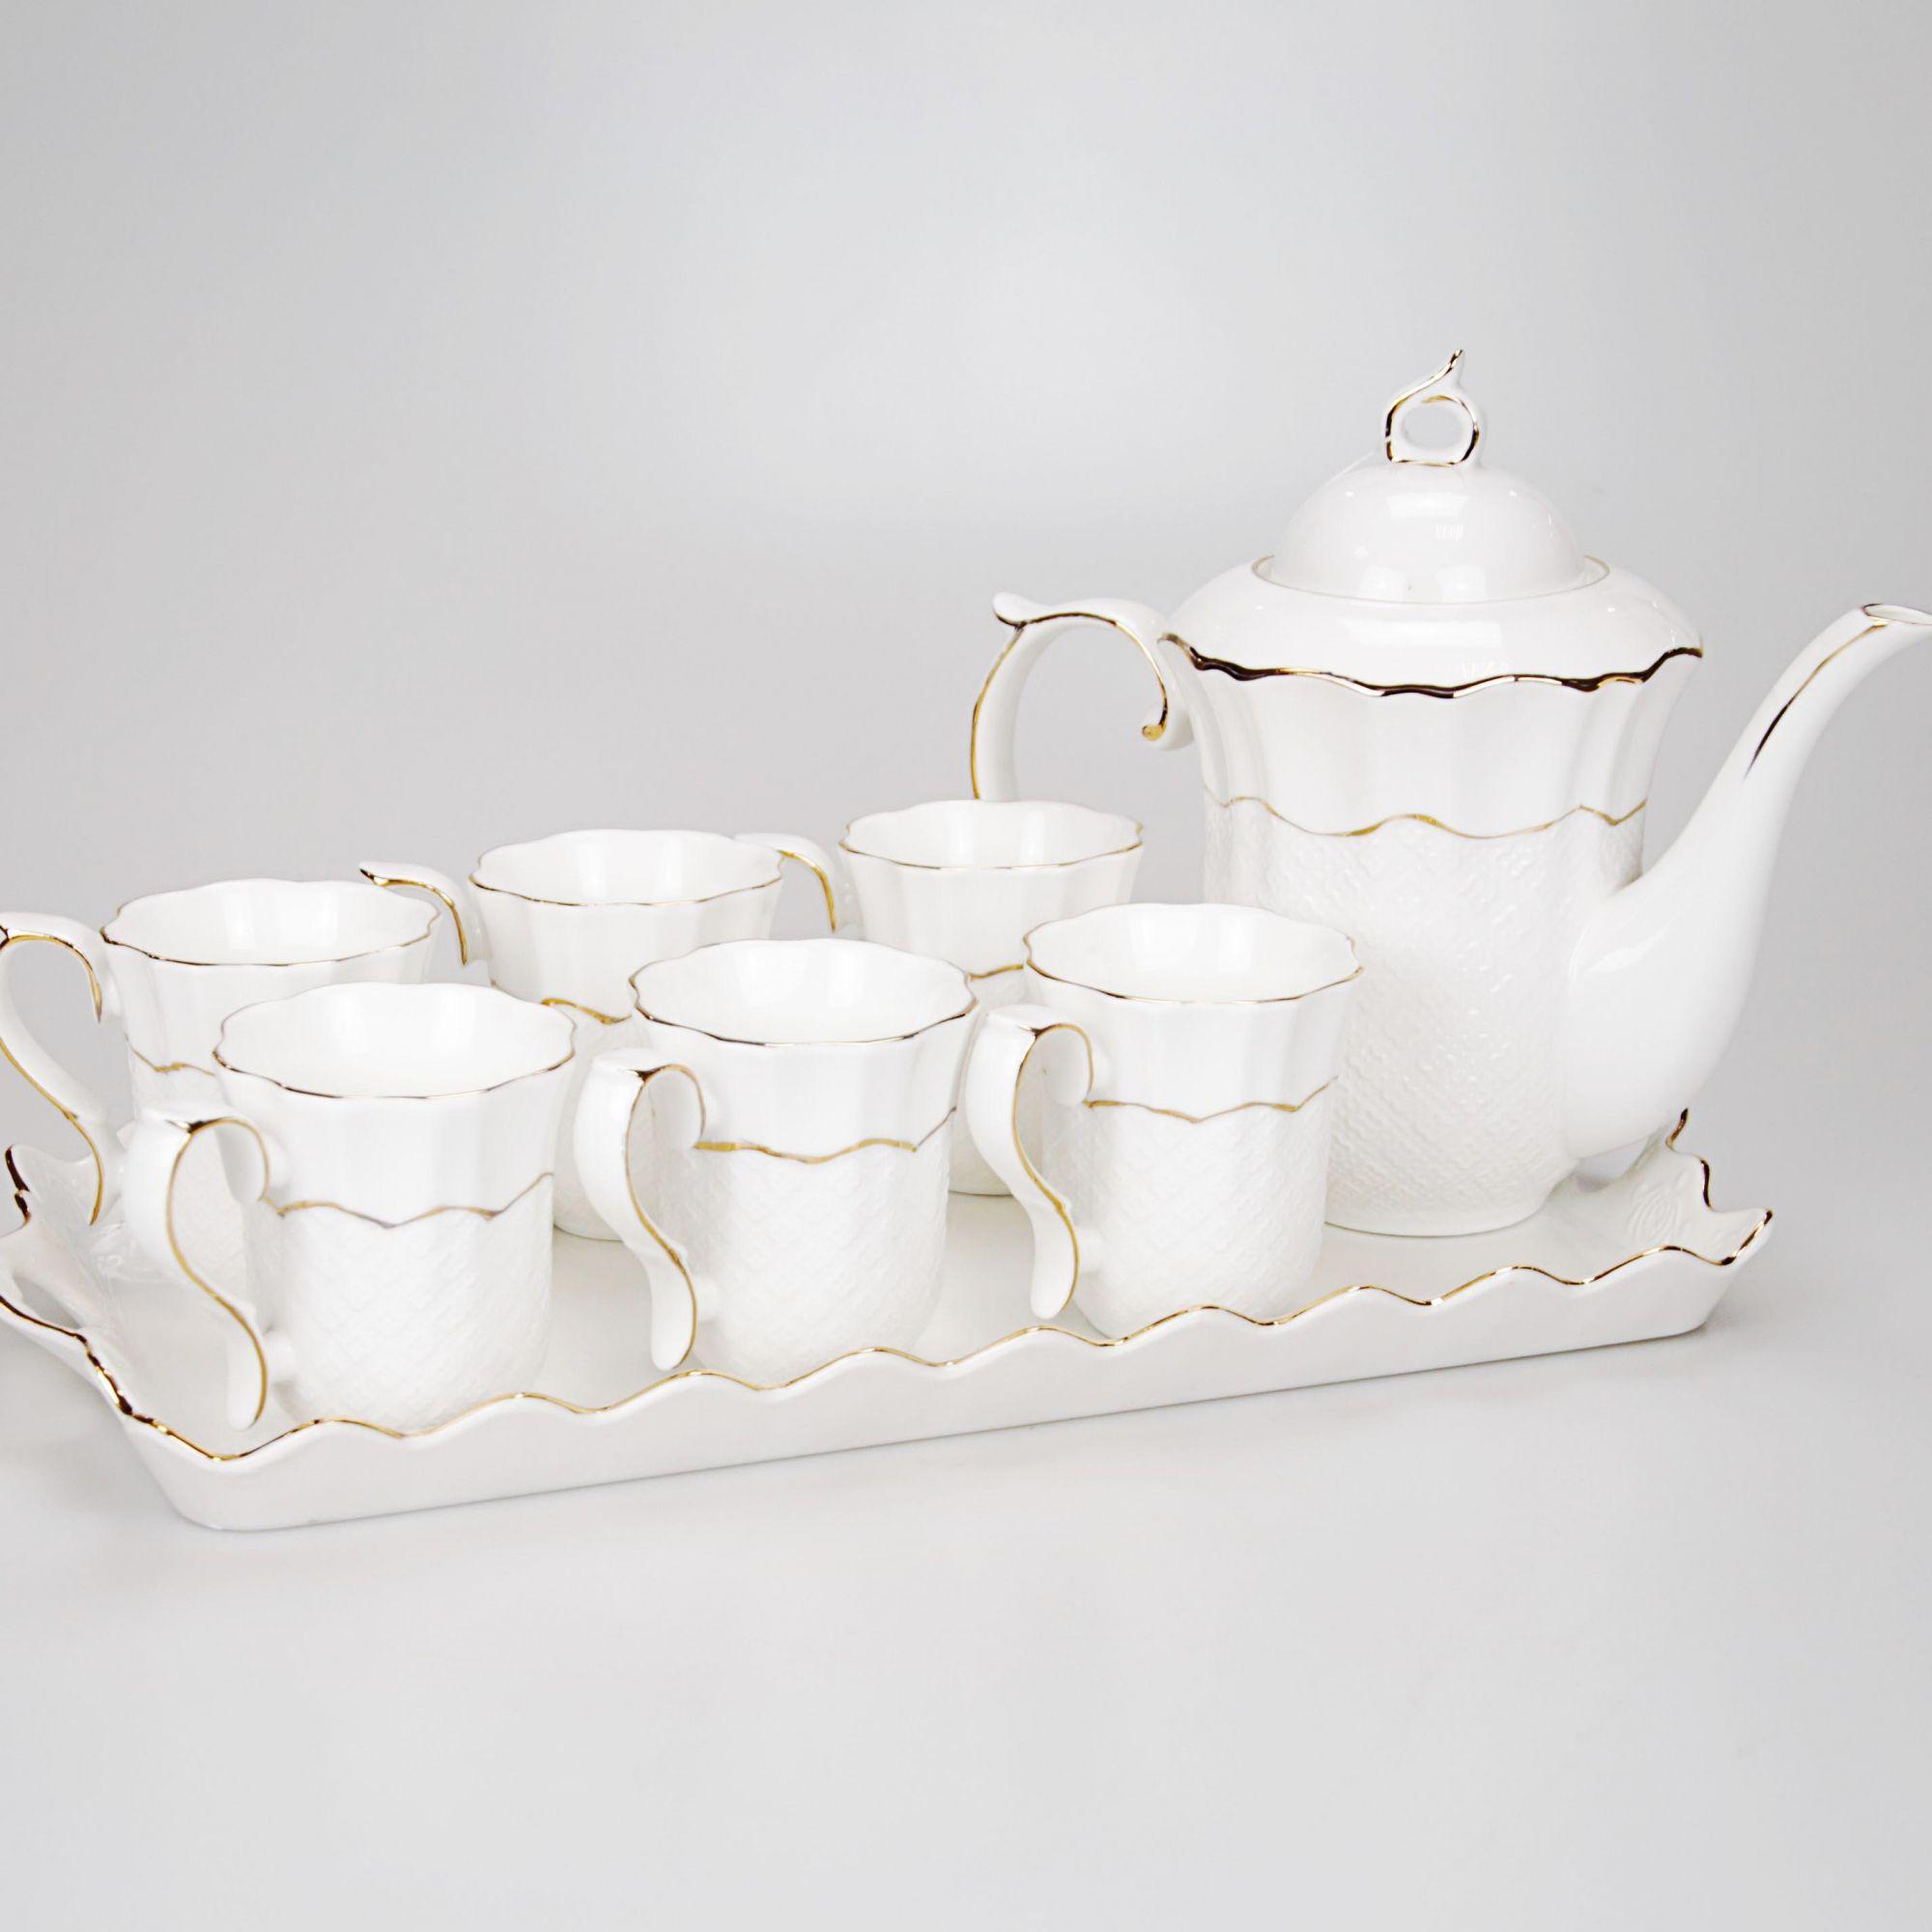 Jogo Chá Branco (08 Peças)